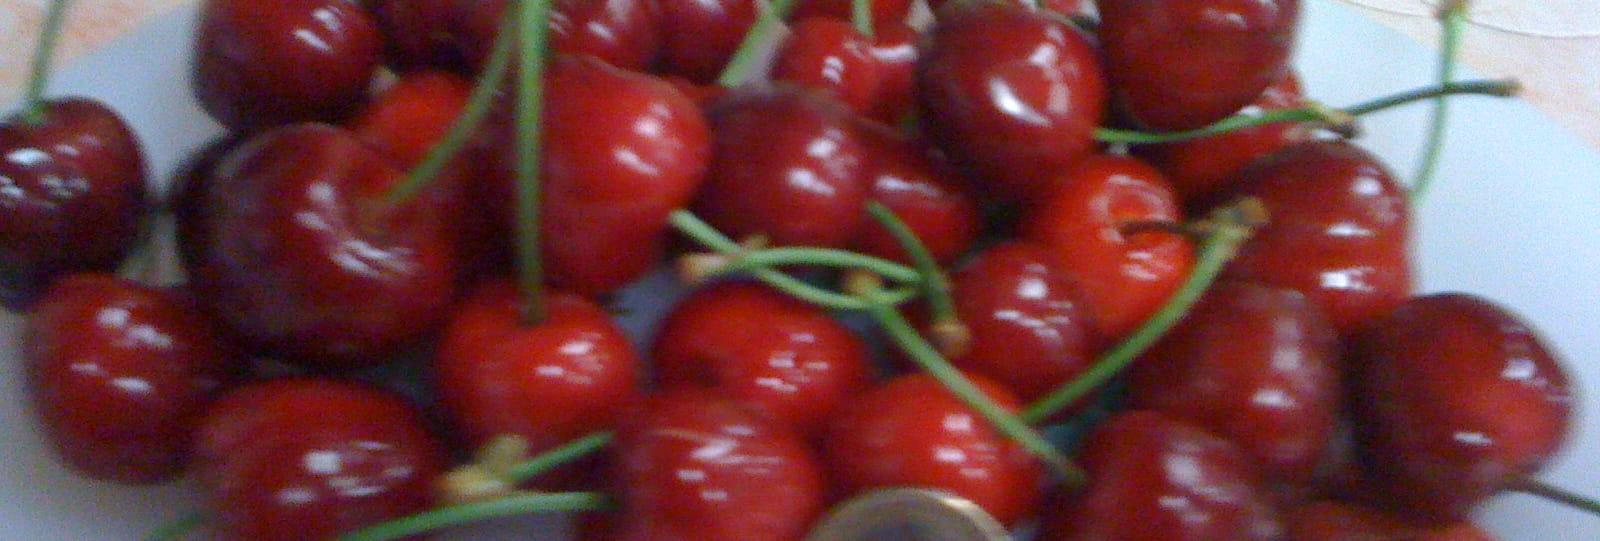 Ferme Valette - Gilfruits